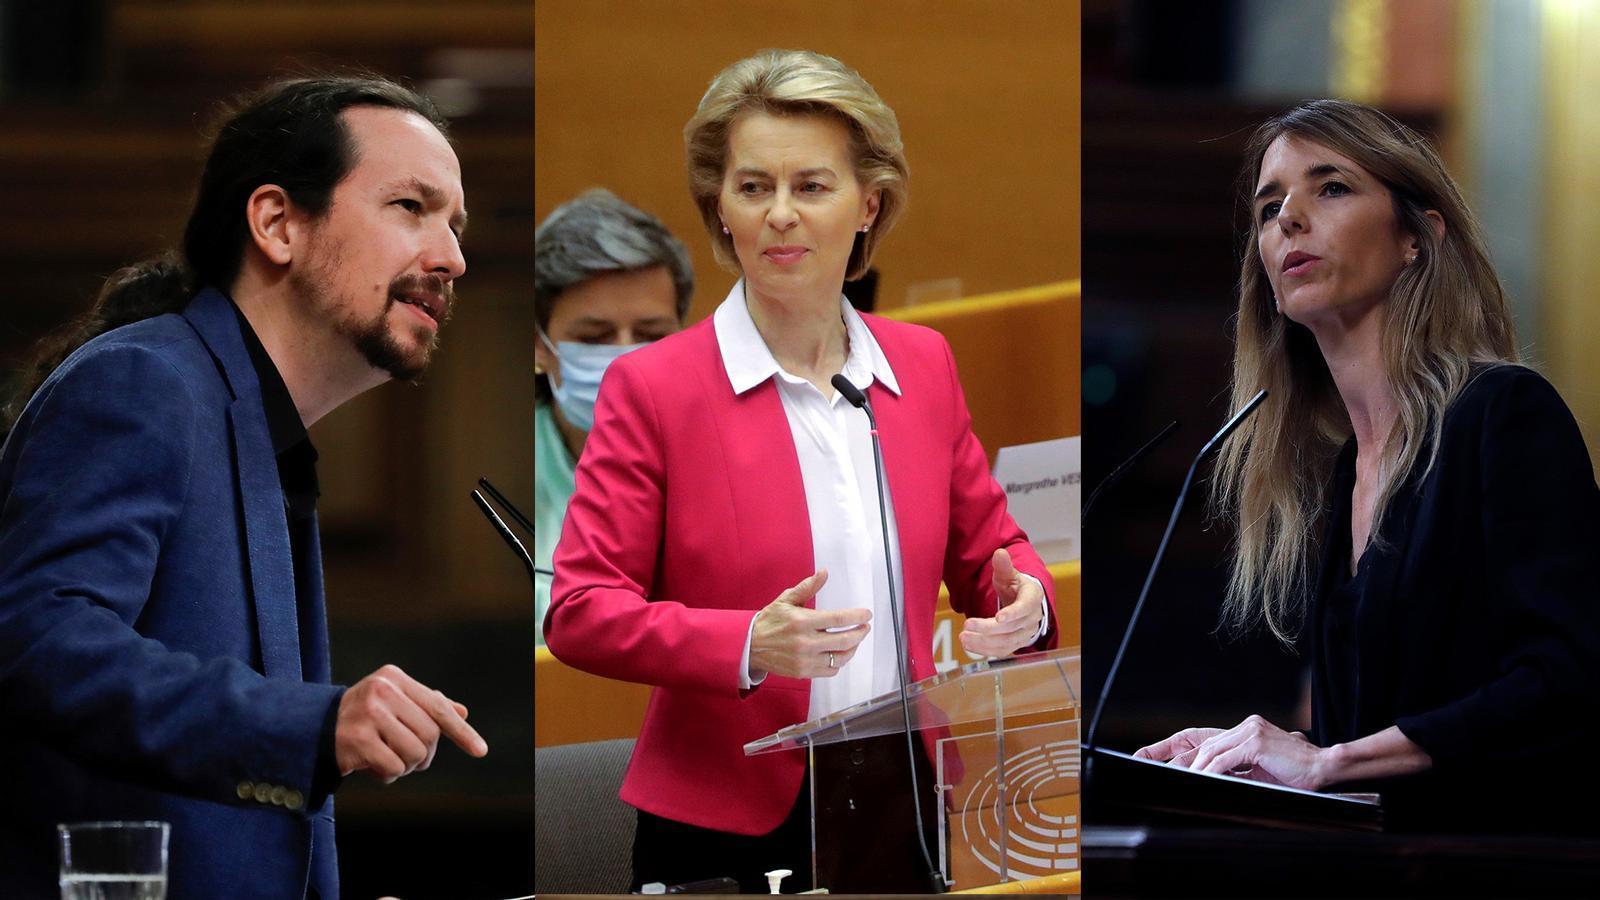 """Espanya podria rebre 140.000 milions d'euros de la UE i Álvarez de Toledo li diu a Iglesias """"fill de terrorista"""": les claus del vespre amb Antoni Bassas (27/05/2020)"""